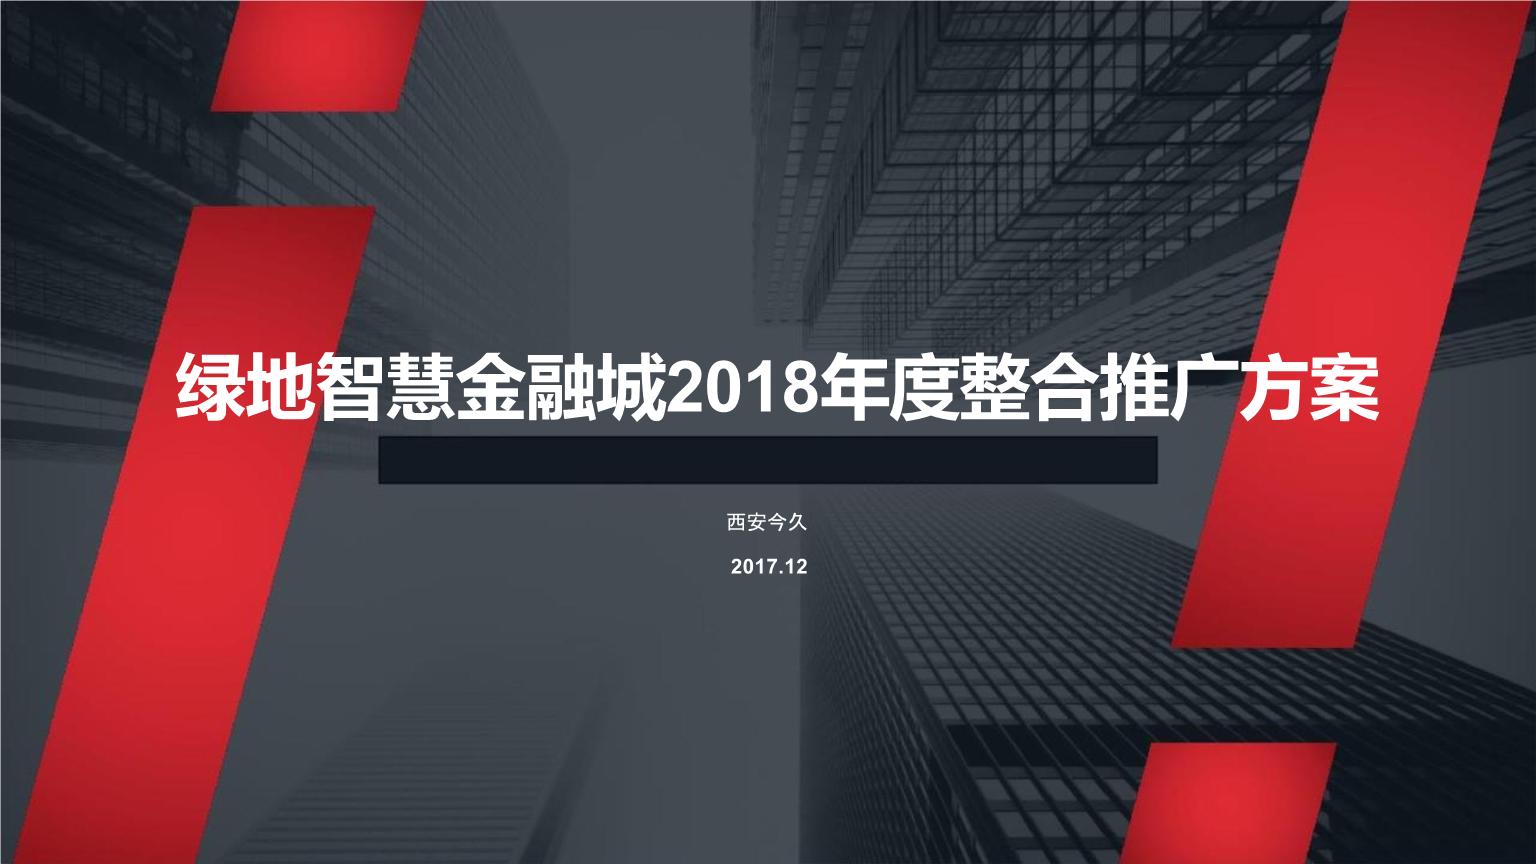 2018今久传播-绿地智慧金融城整合推广方案.pptx